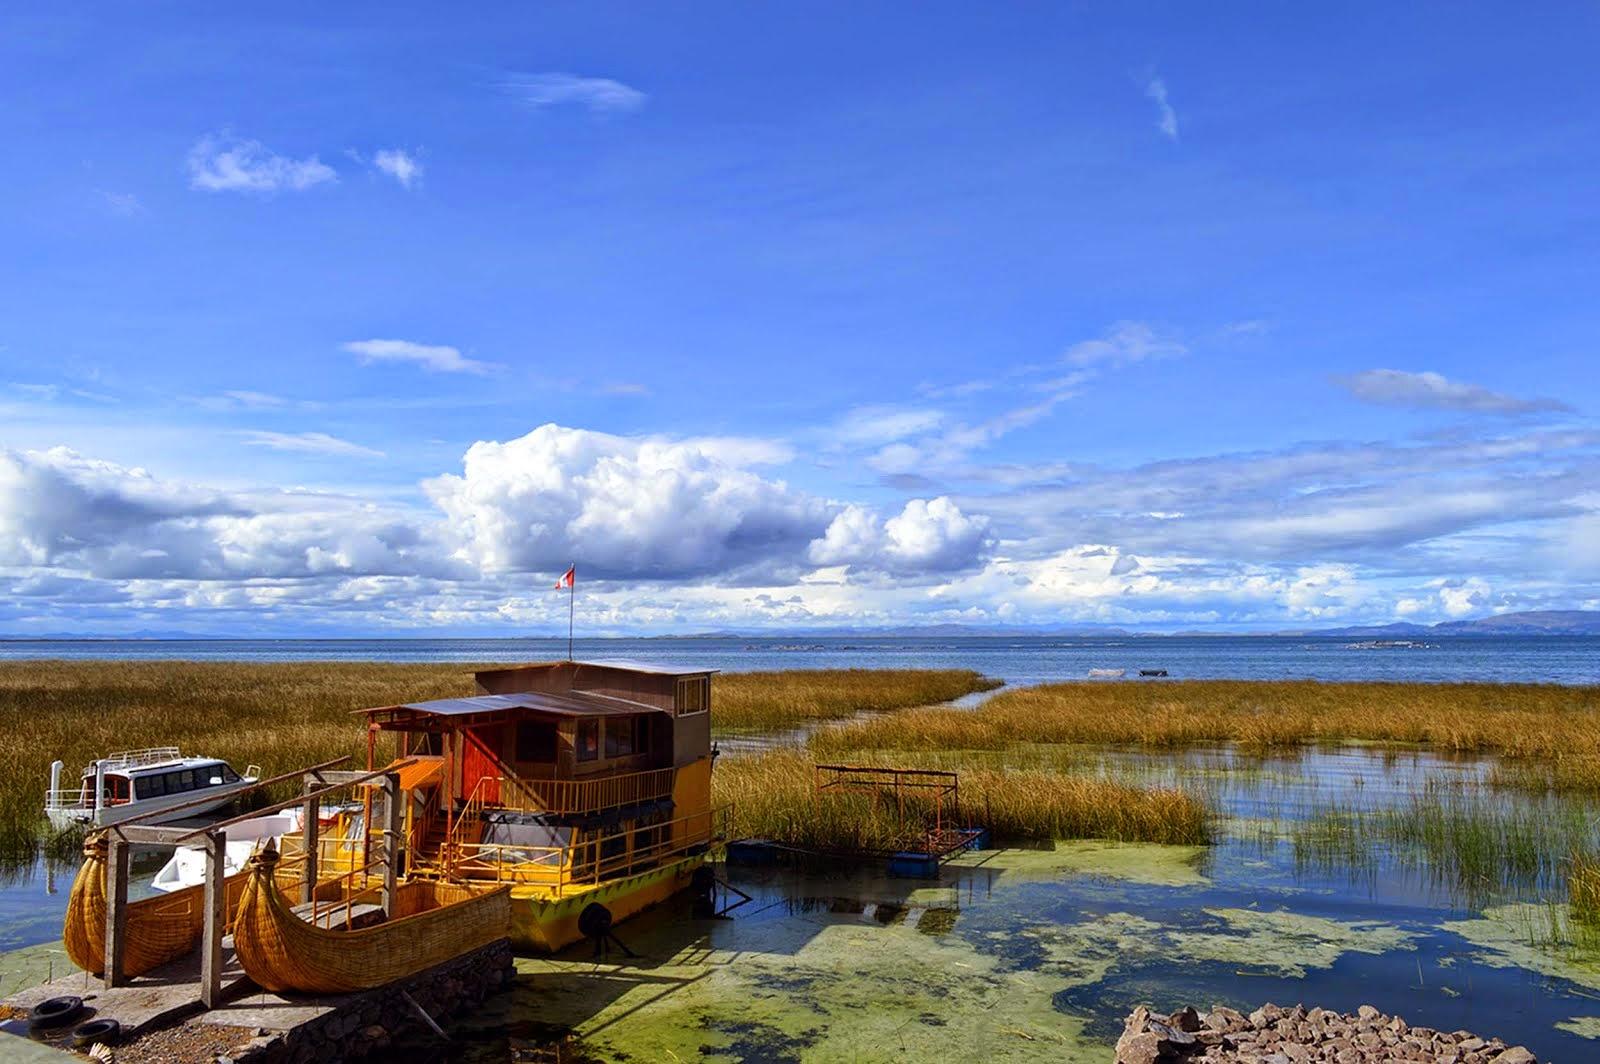 FONDO PANTALLA: Balsa Catamarán en Yacht Lago Titicaca que surcará las aguas de la Bahía puneña.